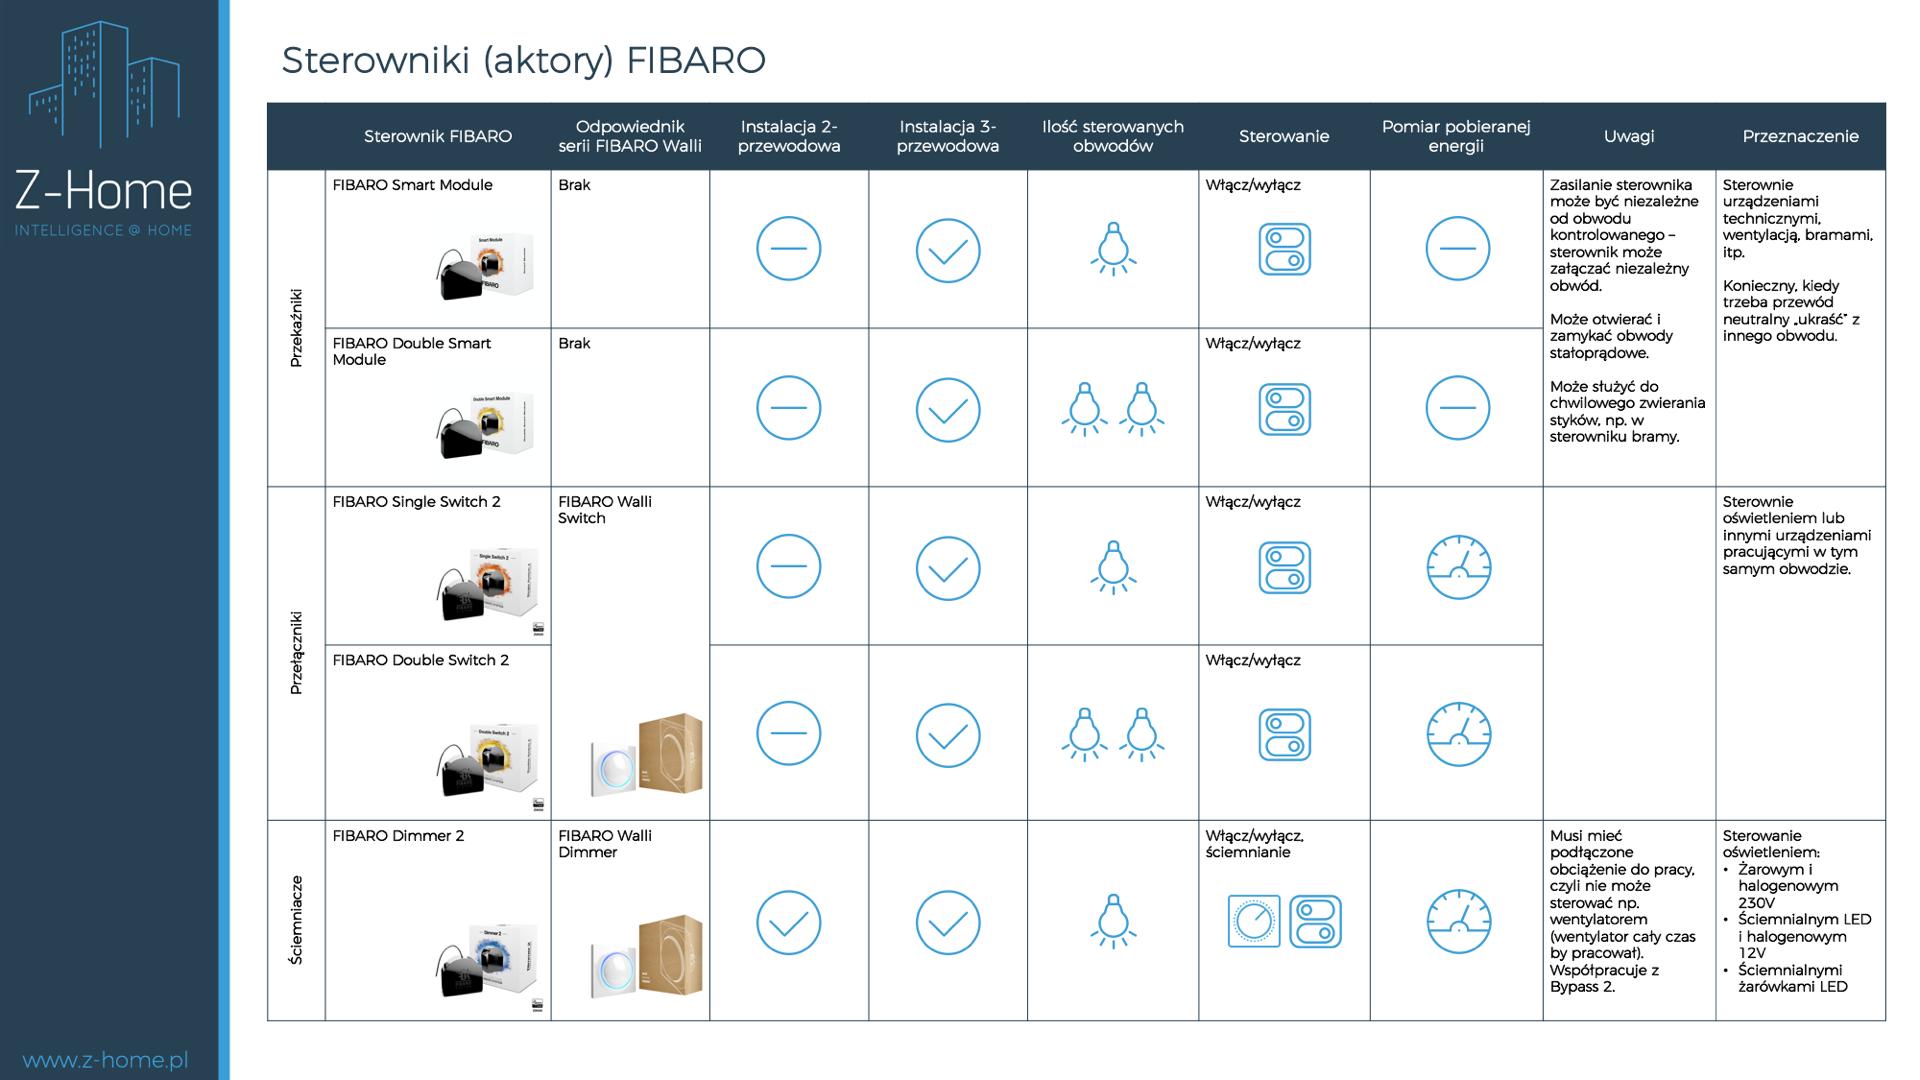 Porównanie sterowników FIBARO